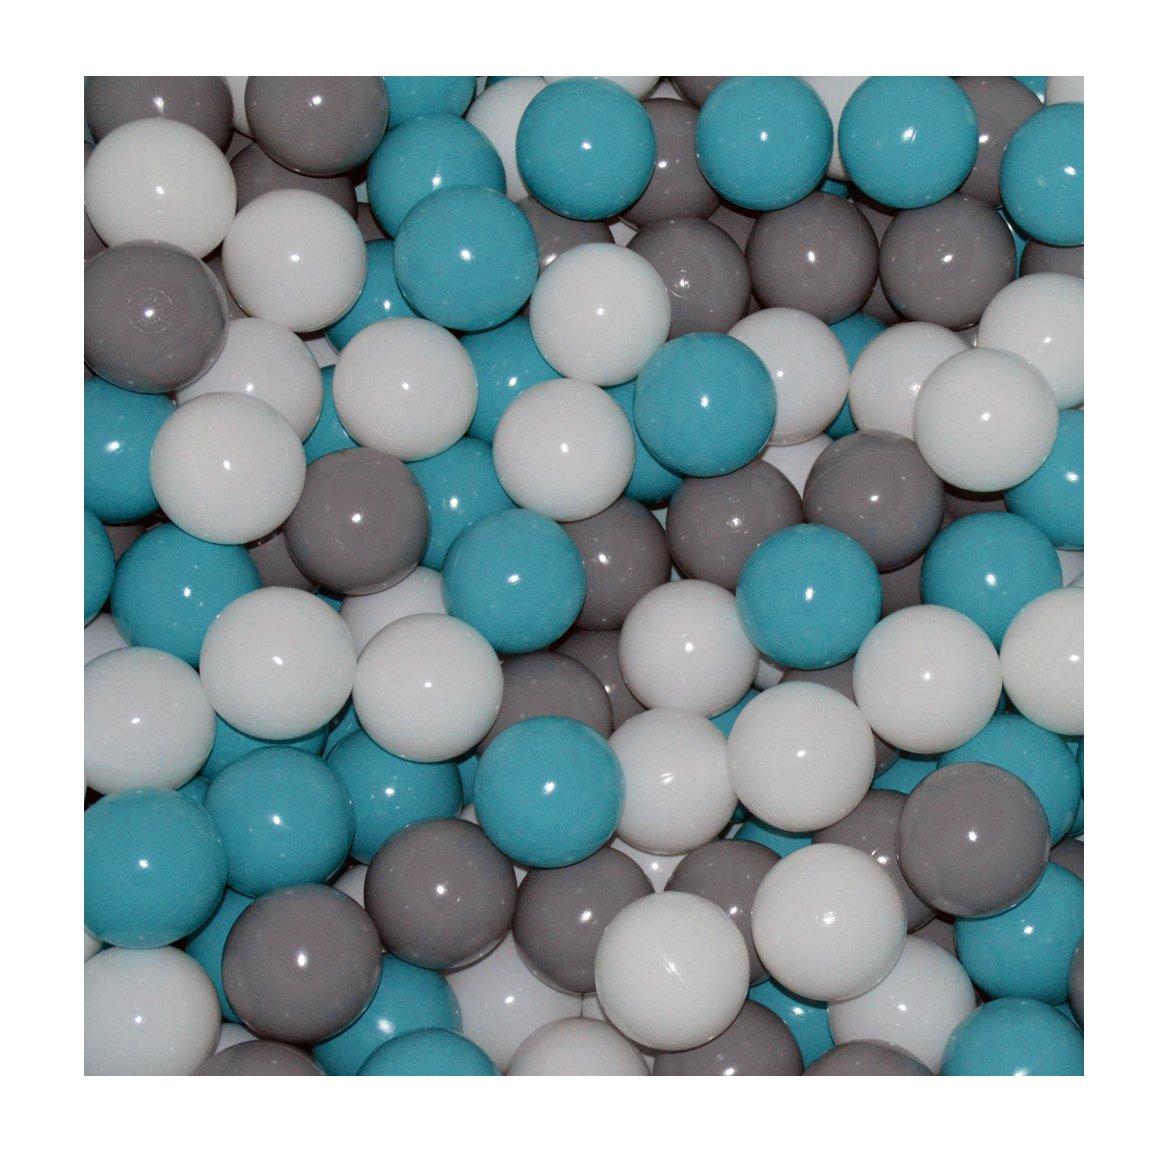 100 Bälle Ø 7cm Bälle für Bällebad viele bunte Farben Baby Kind Spielbälle Kugelbad Plastikbälle Blau Türkis Grau Pink Rosa Schwarz Weiß Grau und Weiss)